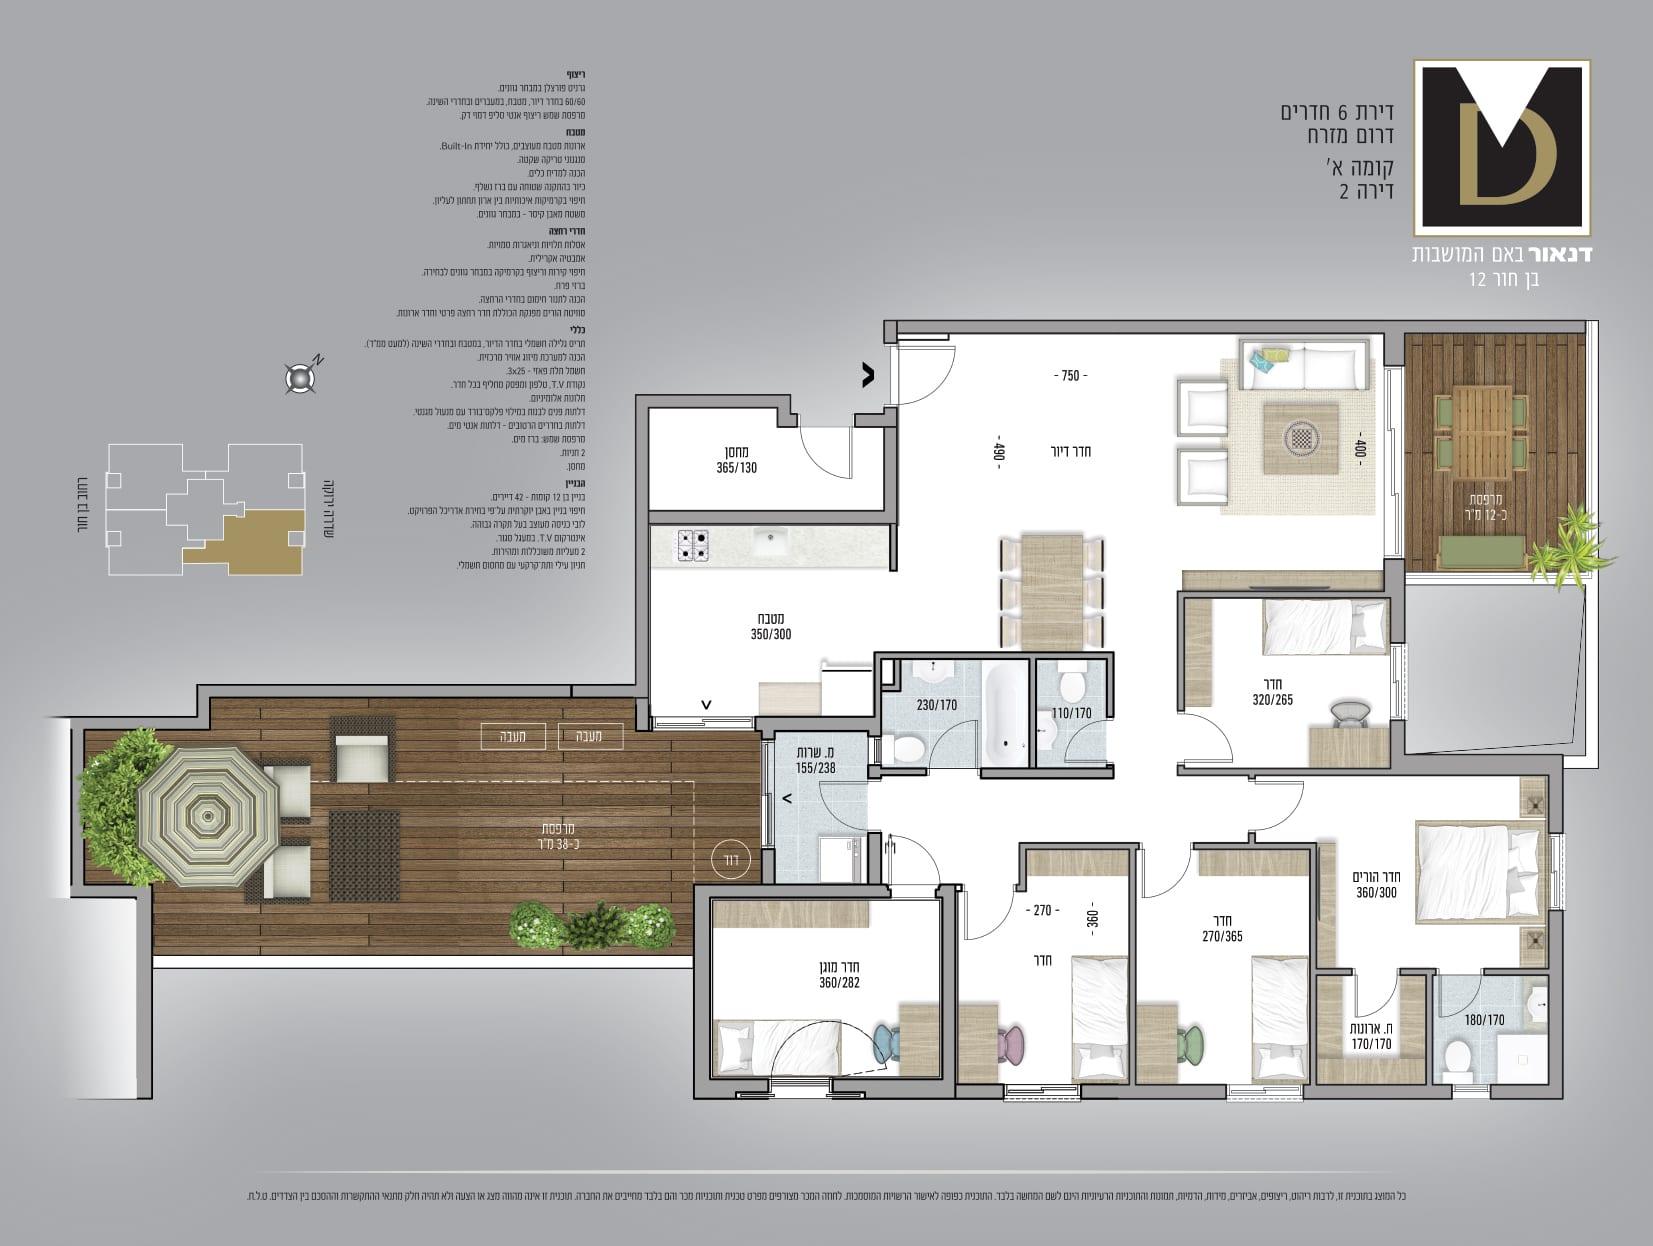 דירת 6 חדרים, קומה 1, דירה מספר 2